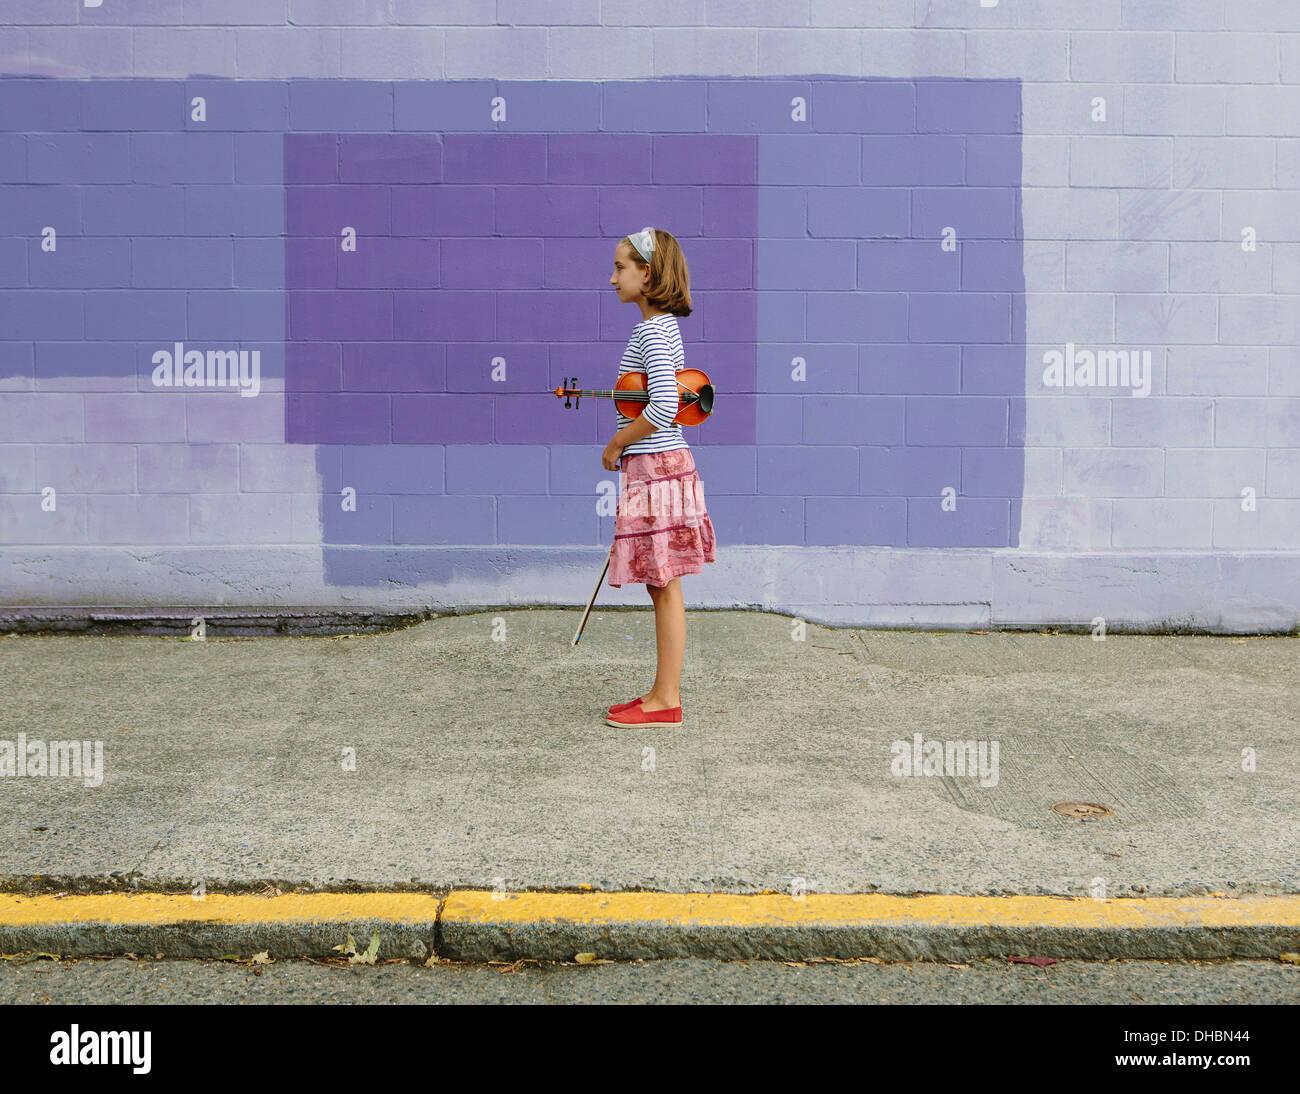 Ein zehn Jahre altes Mädchen mit einer Geige unter dem Arm und einen Bogen in der Hand. Lila Hintergrund. Stockbild